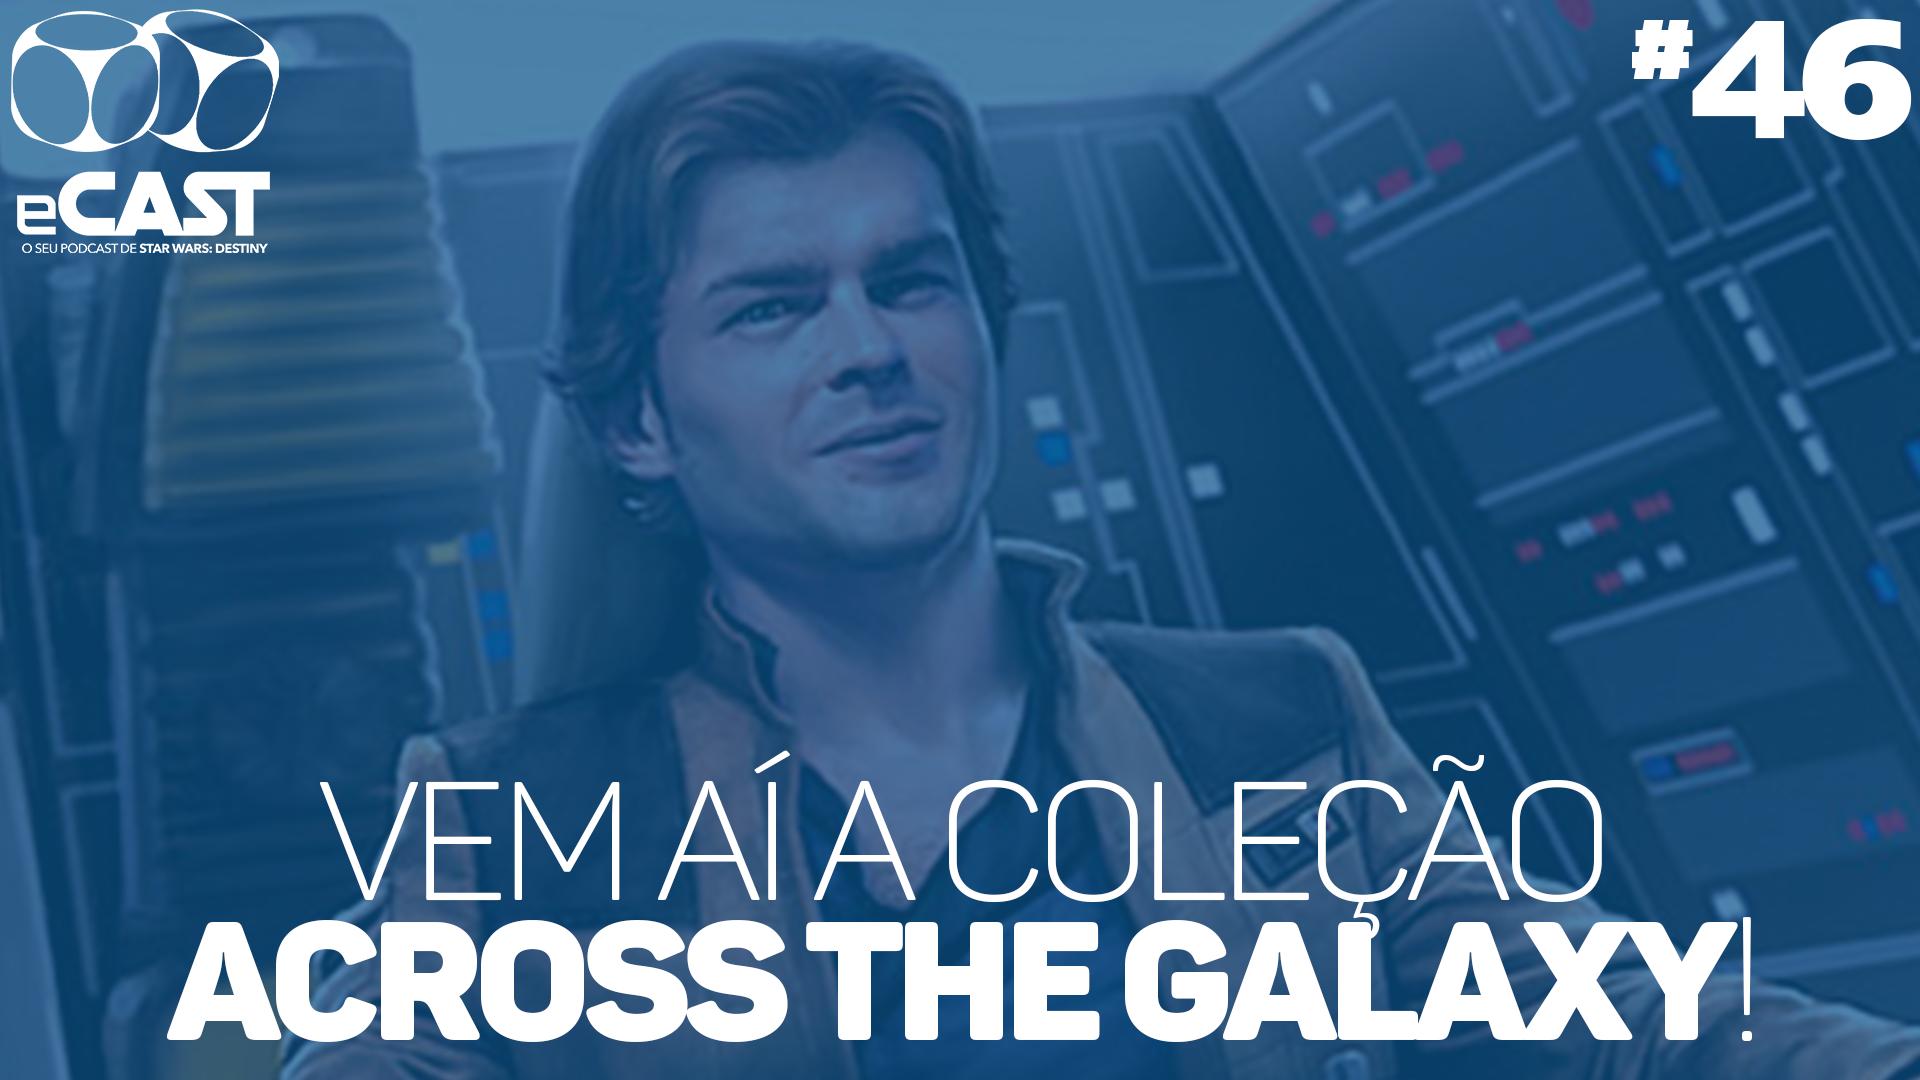 eCast 46 – Vem aí a coleção Across the Galaxy!